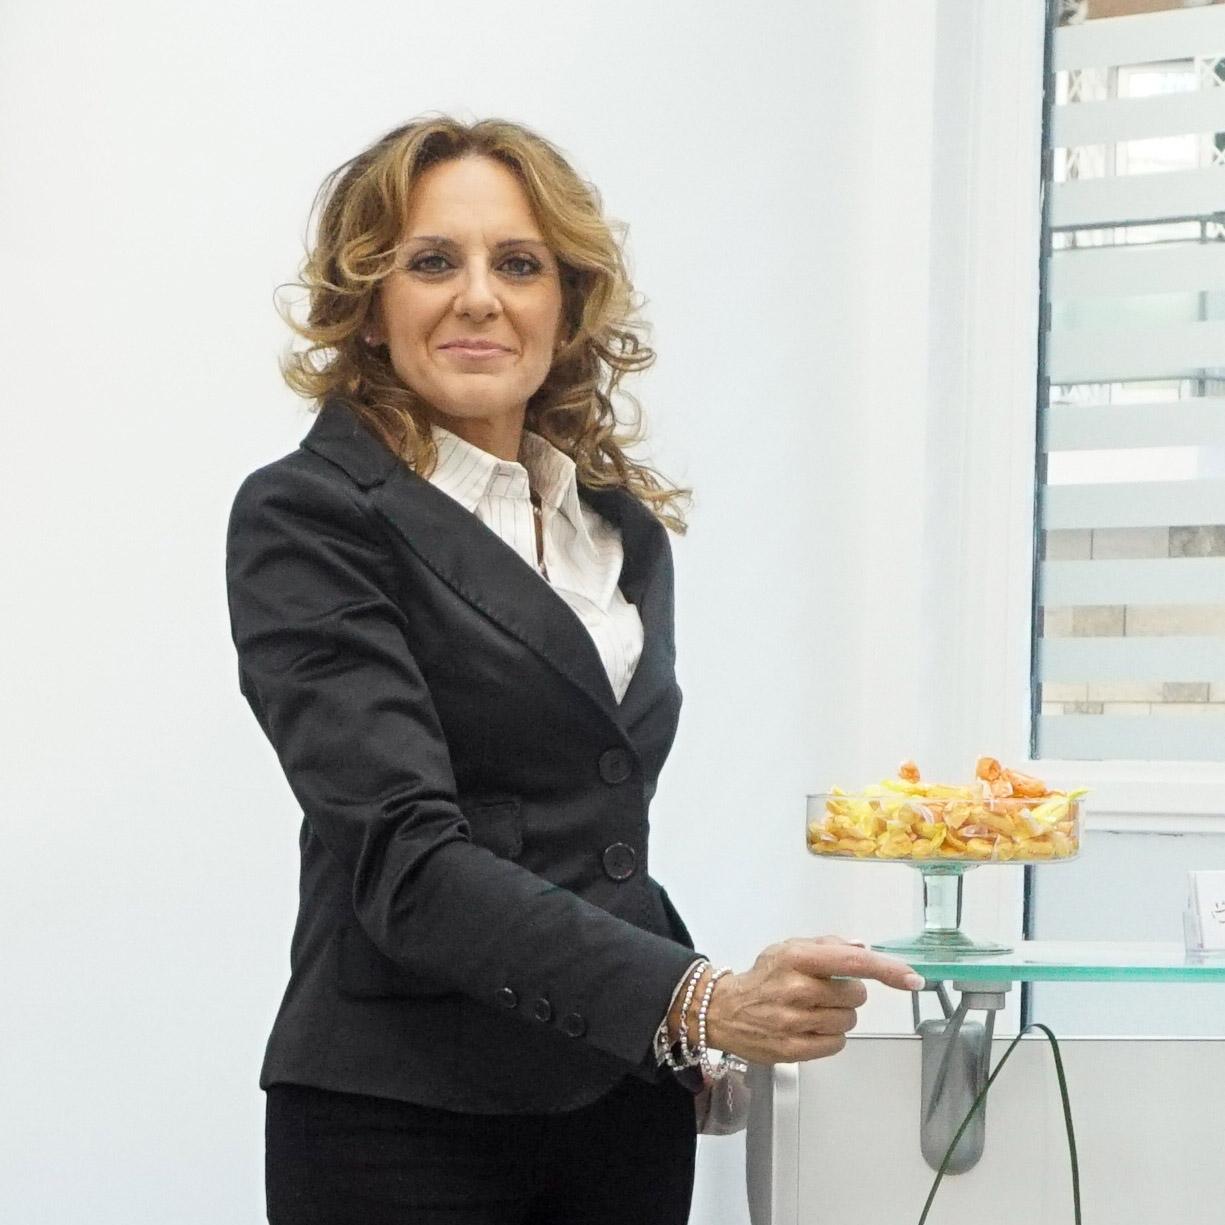 Tecla Mancini